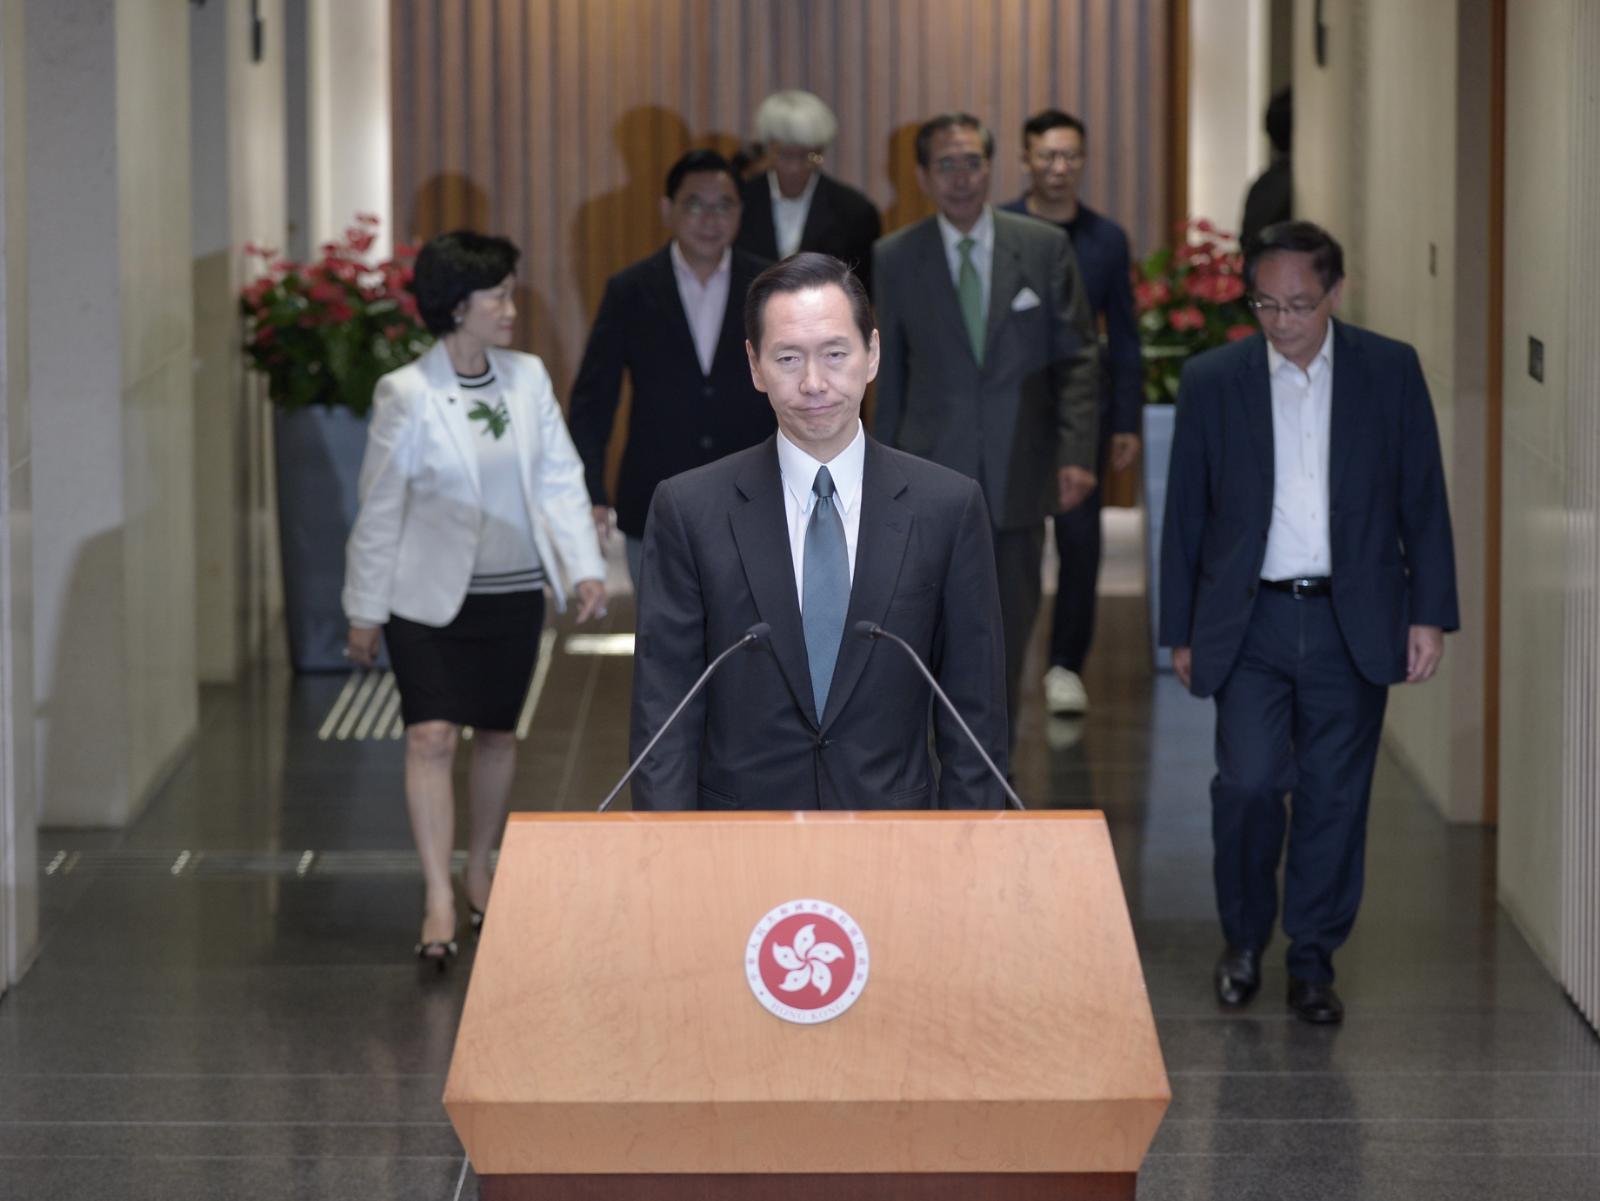 陳智思指行會成員一致對昨晚發生的連串暴力行為表示不能接受。